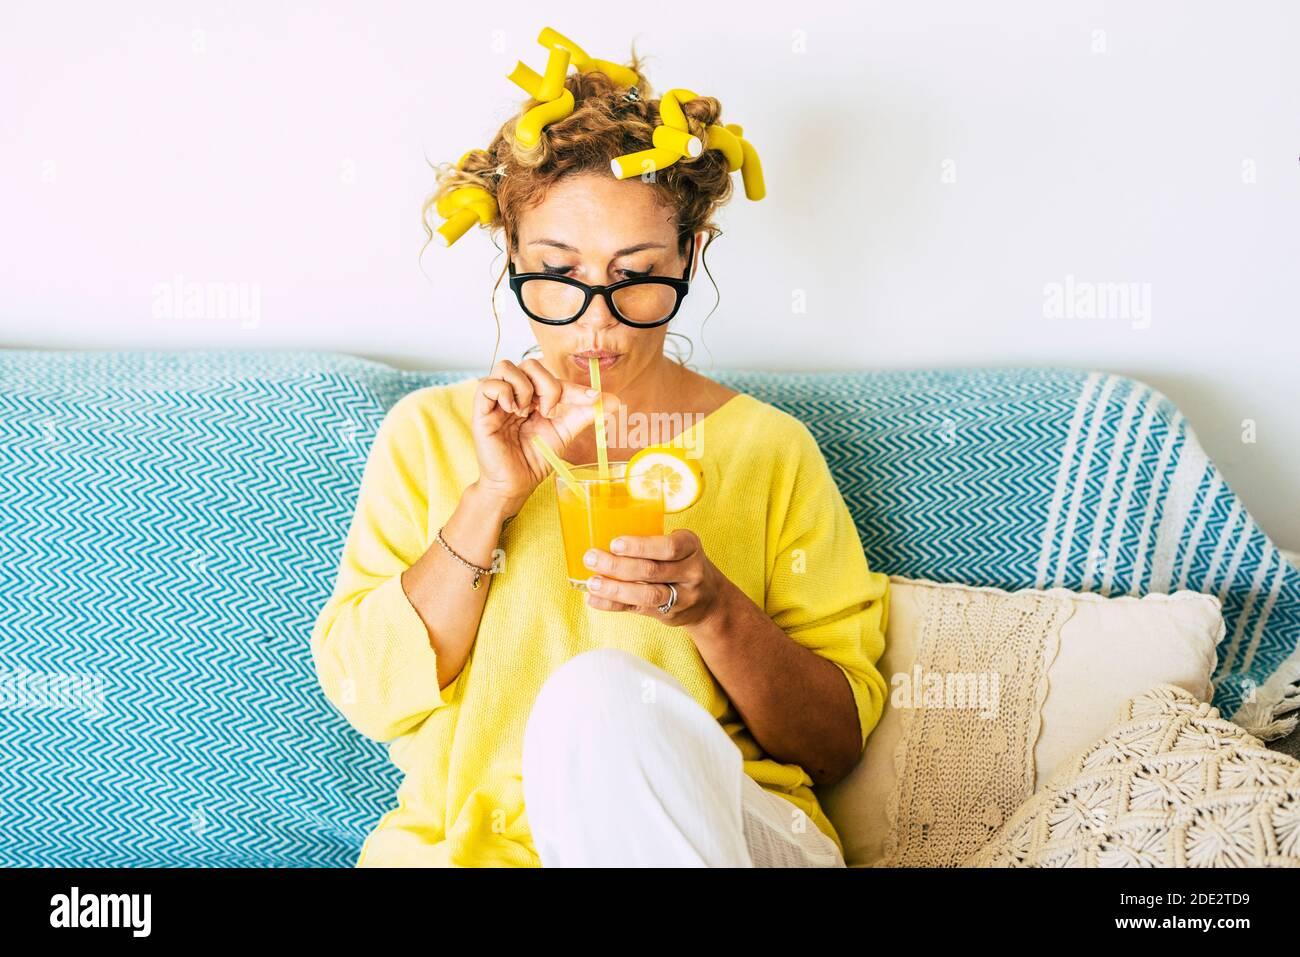 Colori gialli ritratto di bella giovane donna adulta caucasica che beve succo d'arancia sano a casa con arricciacapelli e divano blu in background - conce Foto Stock